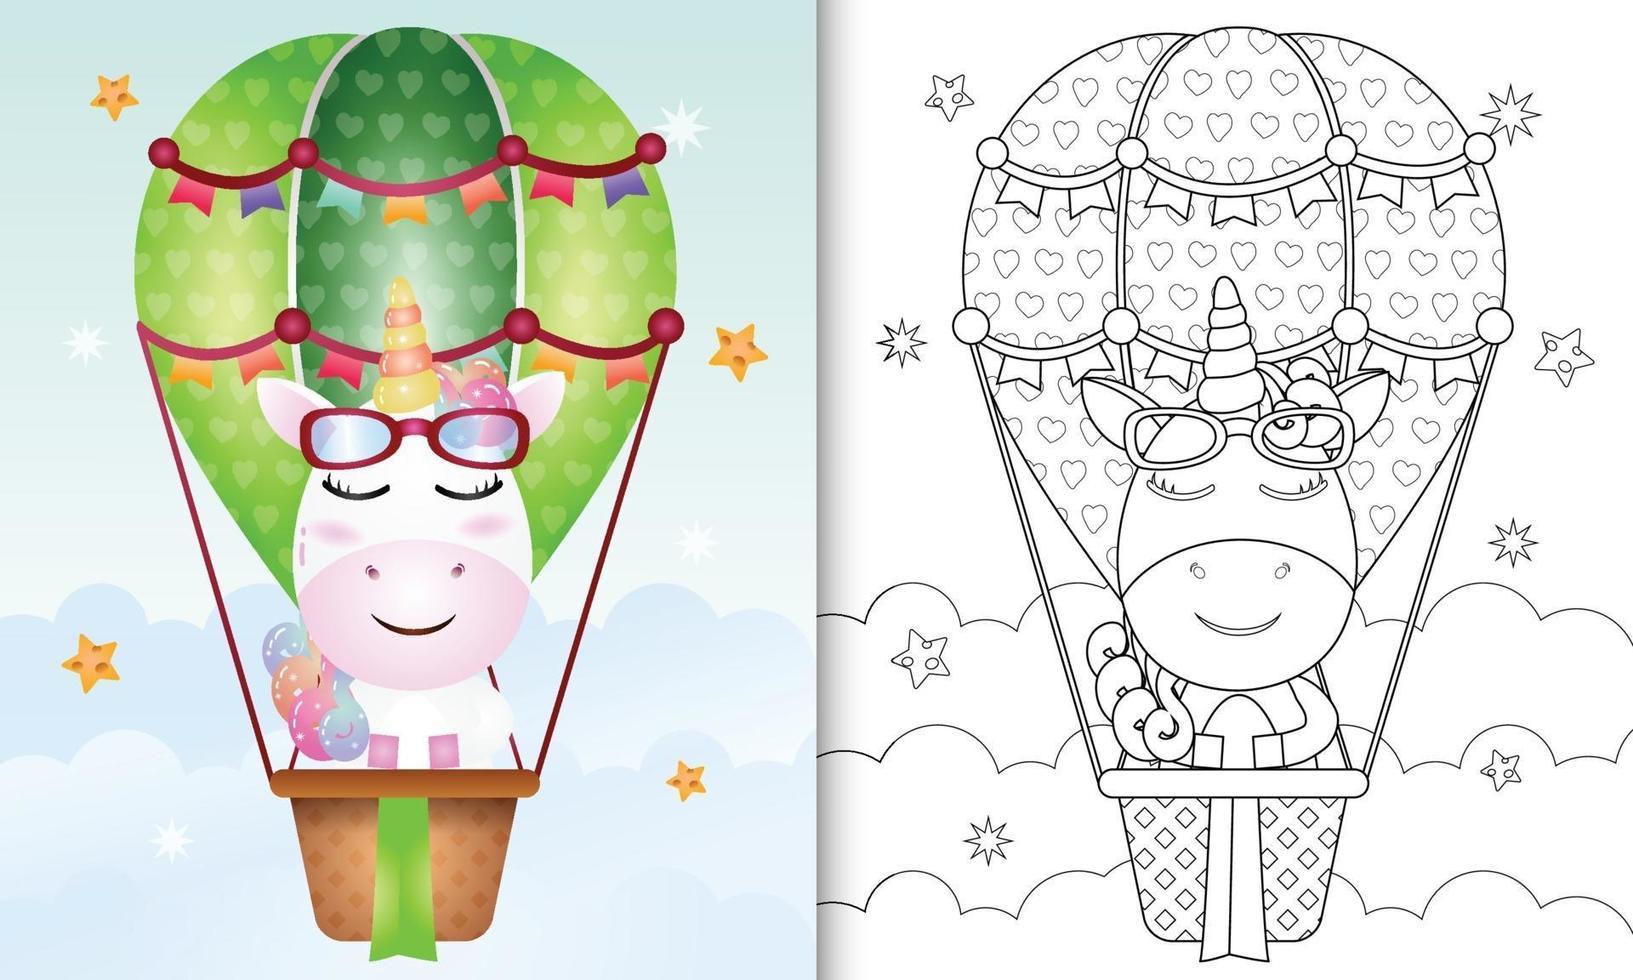 modèle de livre de coloriage pour les enfants avec une licorne mignonne sur ballon à air chaud vecteur